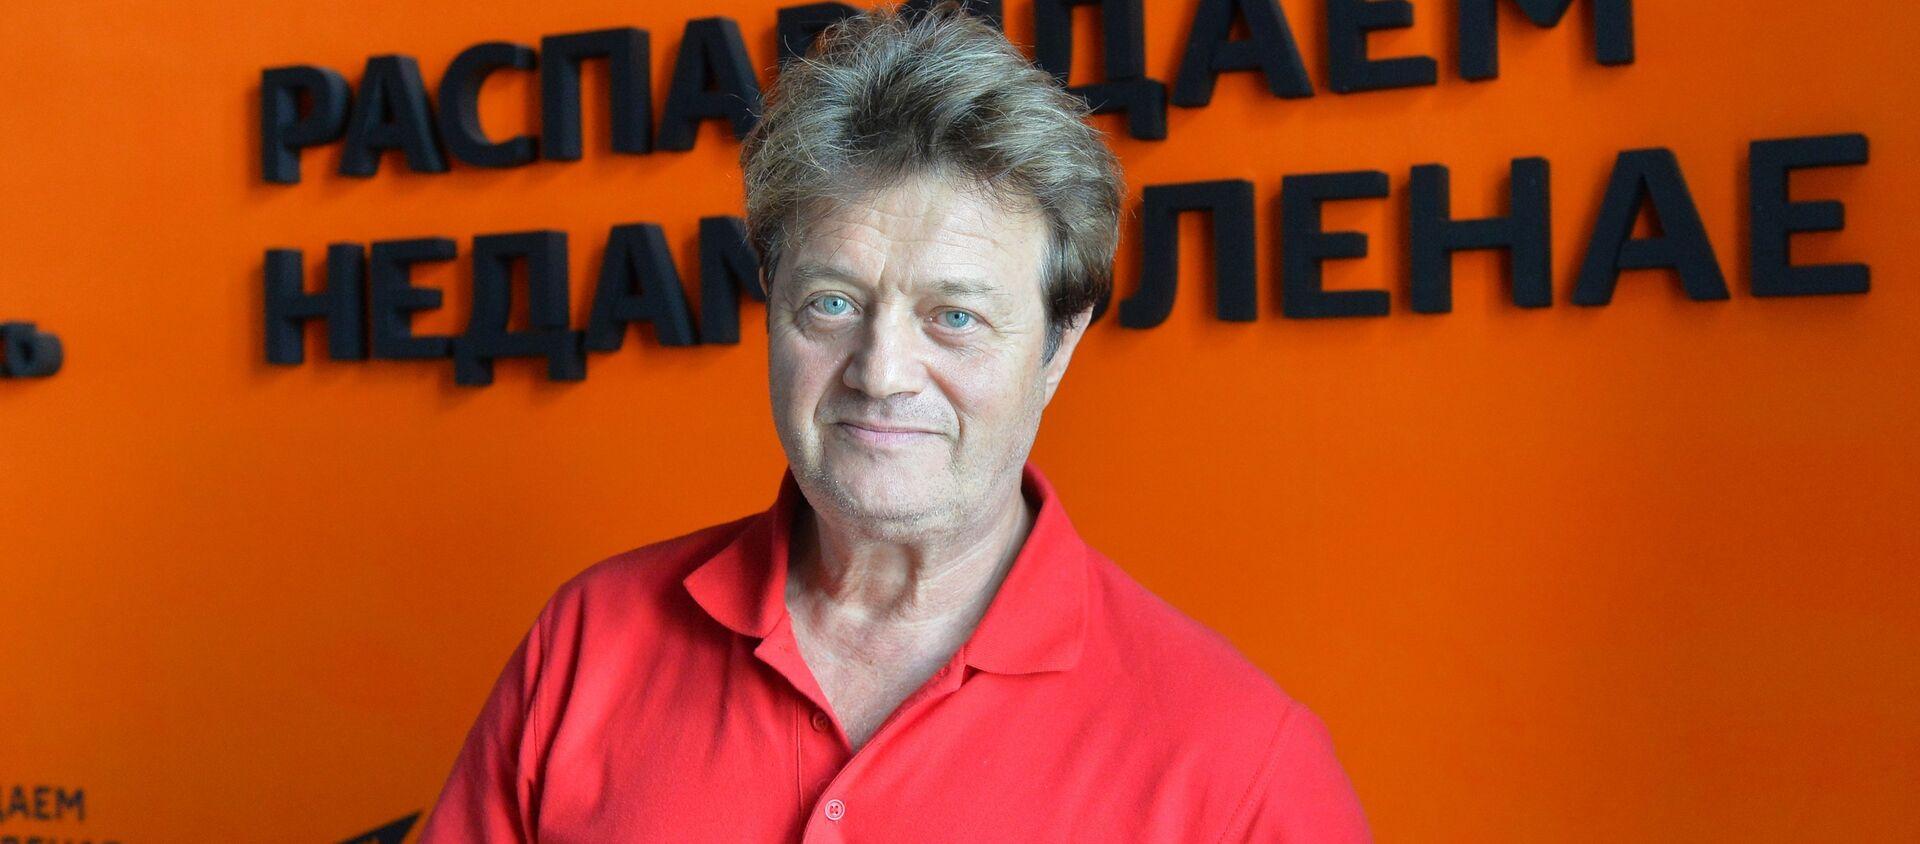 Певец, музыкант, участник ансамбля Белорусские песняры Валерий Дайнеко - Sputnik Беларусь, 1920, 01.02.2021